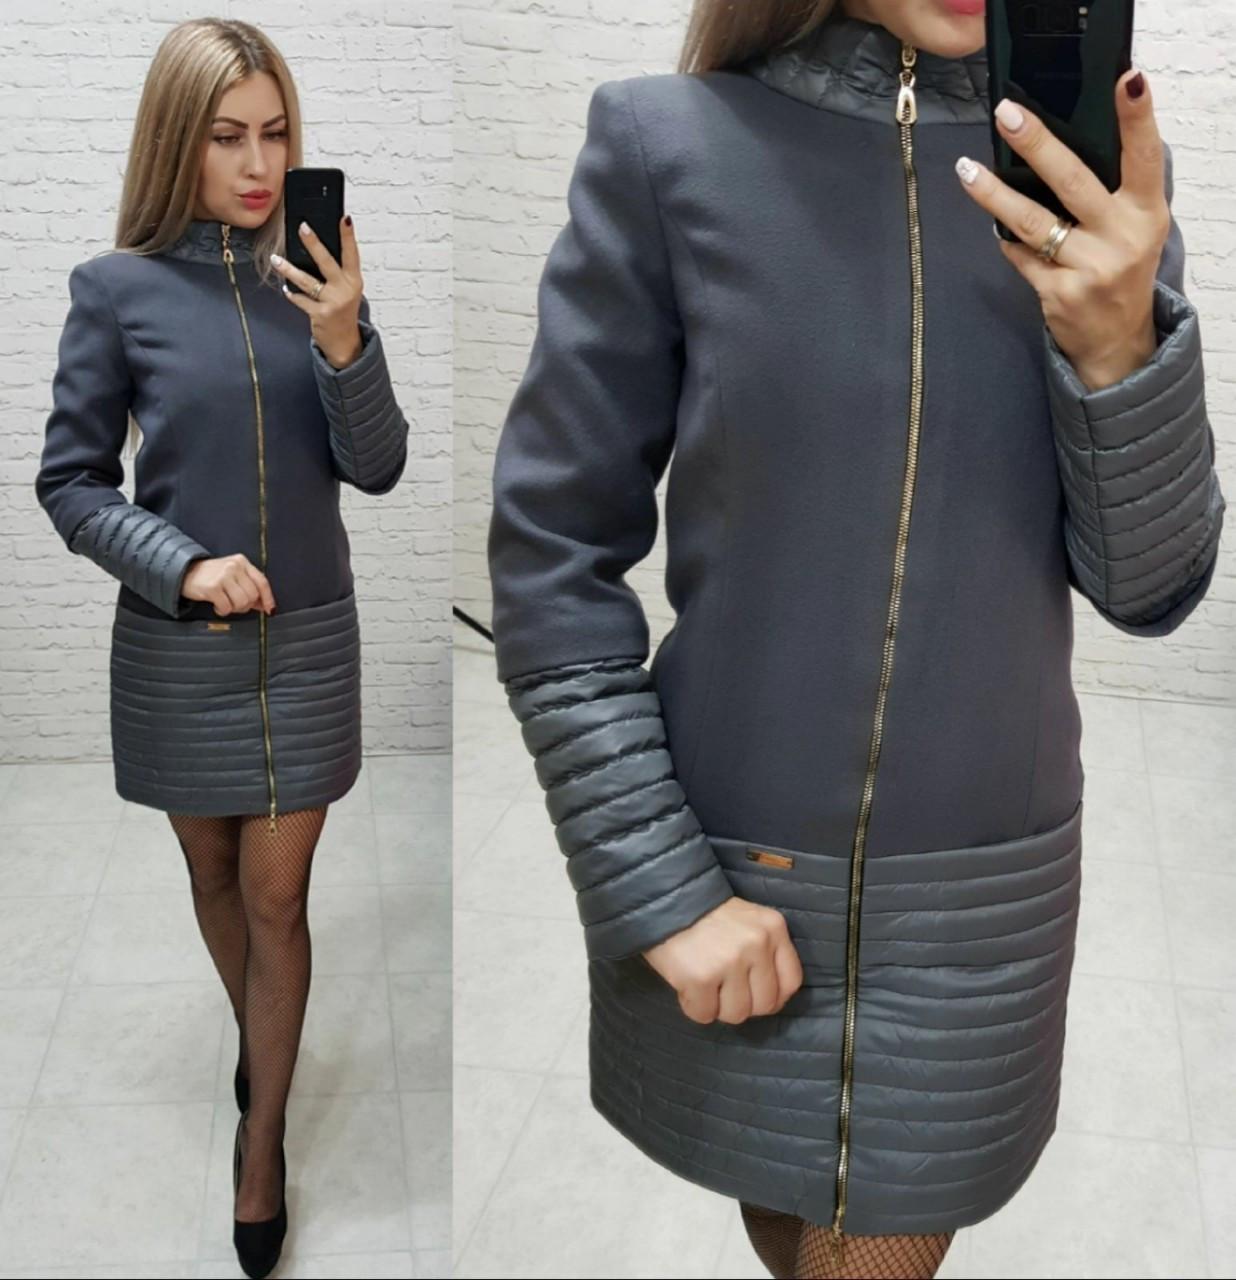 Пальто, арт 137, ткань кашемир + плащевка, цвет темно-серый